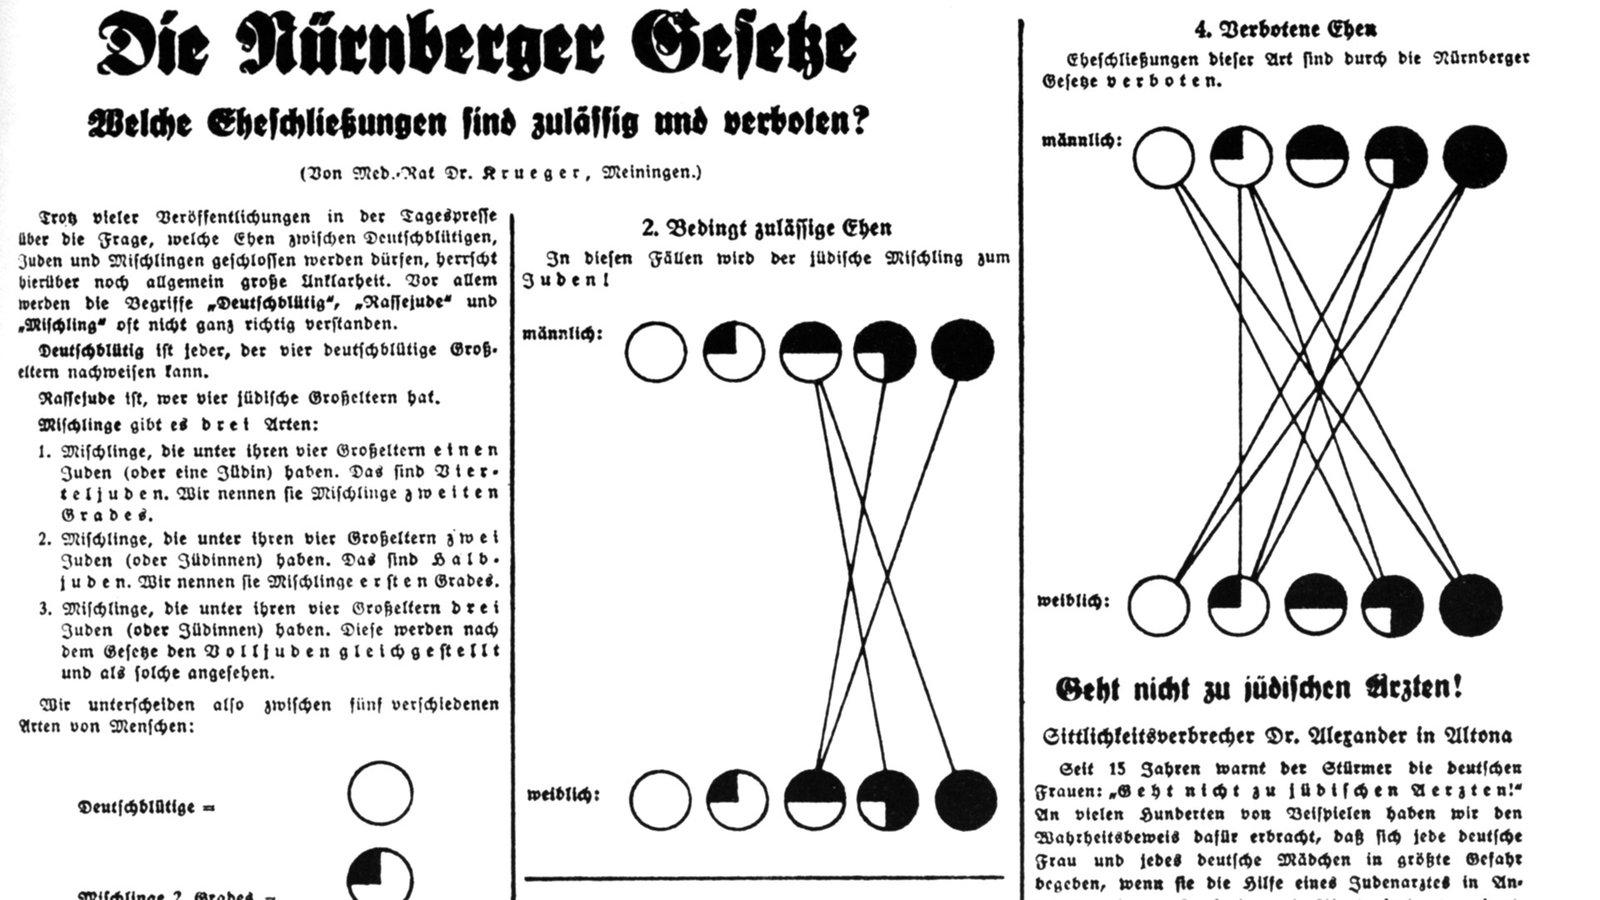 Nationalsozialistische Rassenlehre: Die Nürnberger Gesetze ...